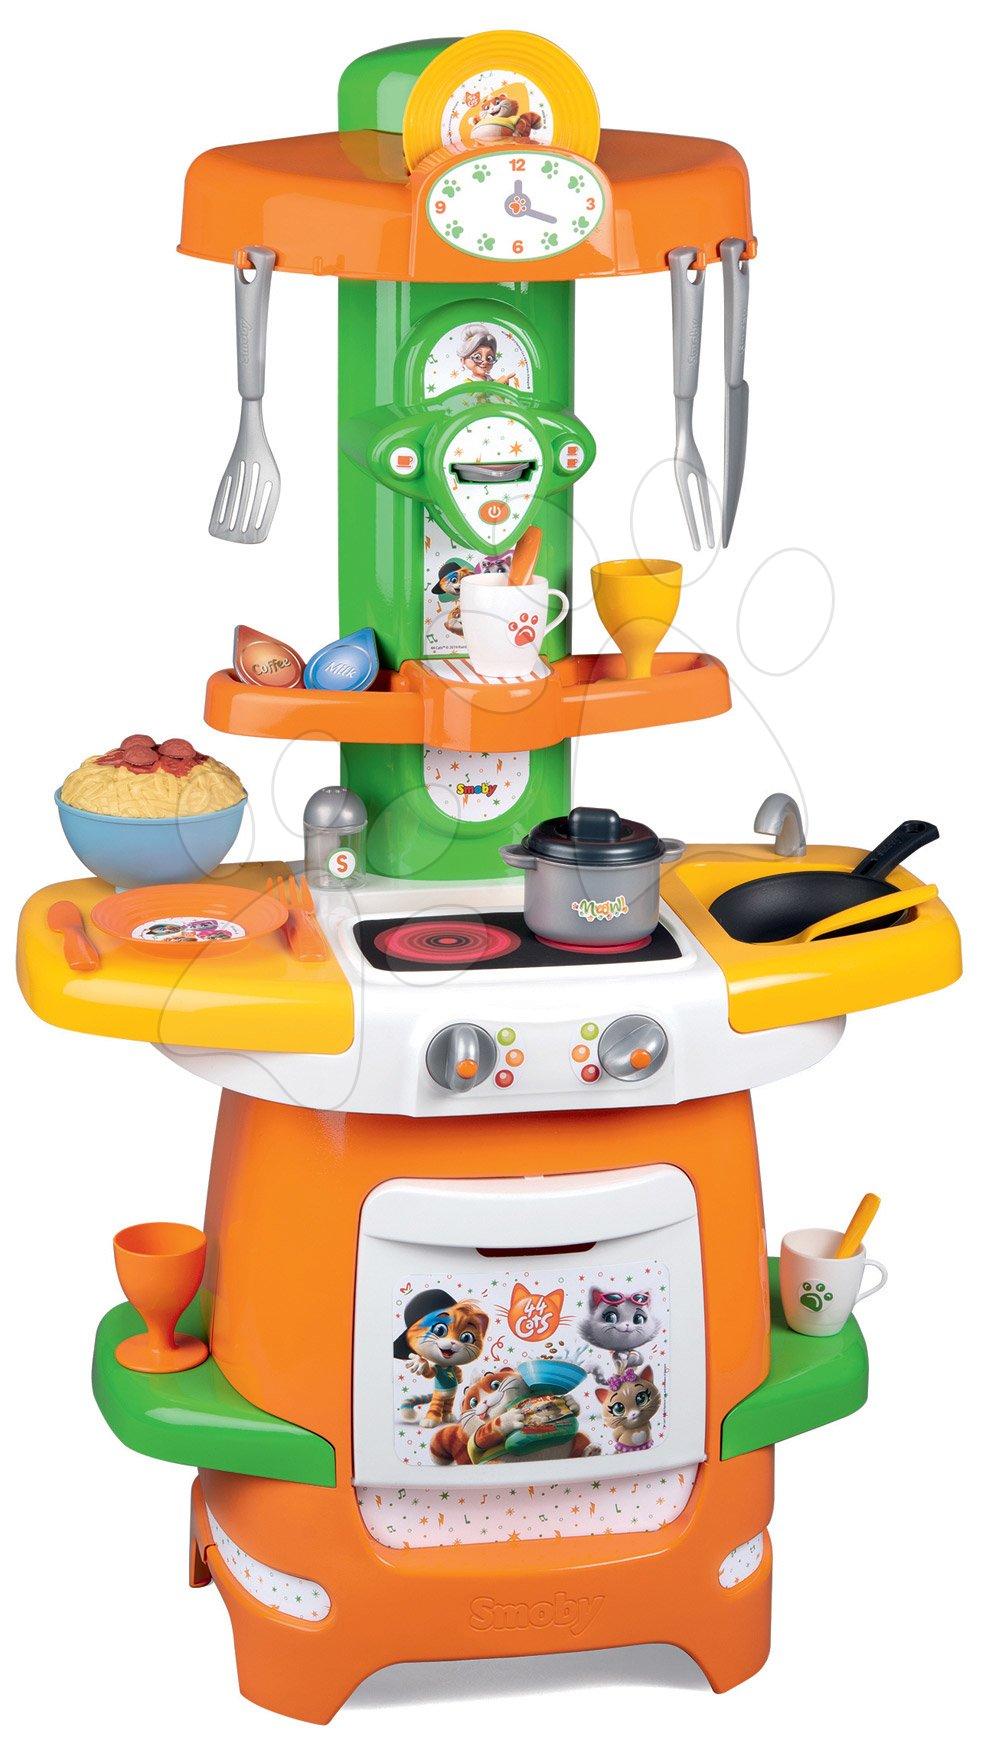 Kuchyňka 44 Cats Cooky Smoby s otevíratelnými křidélky a 24 doplňky od 18 měsíců